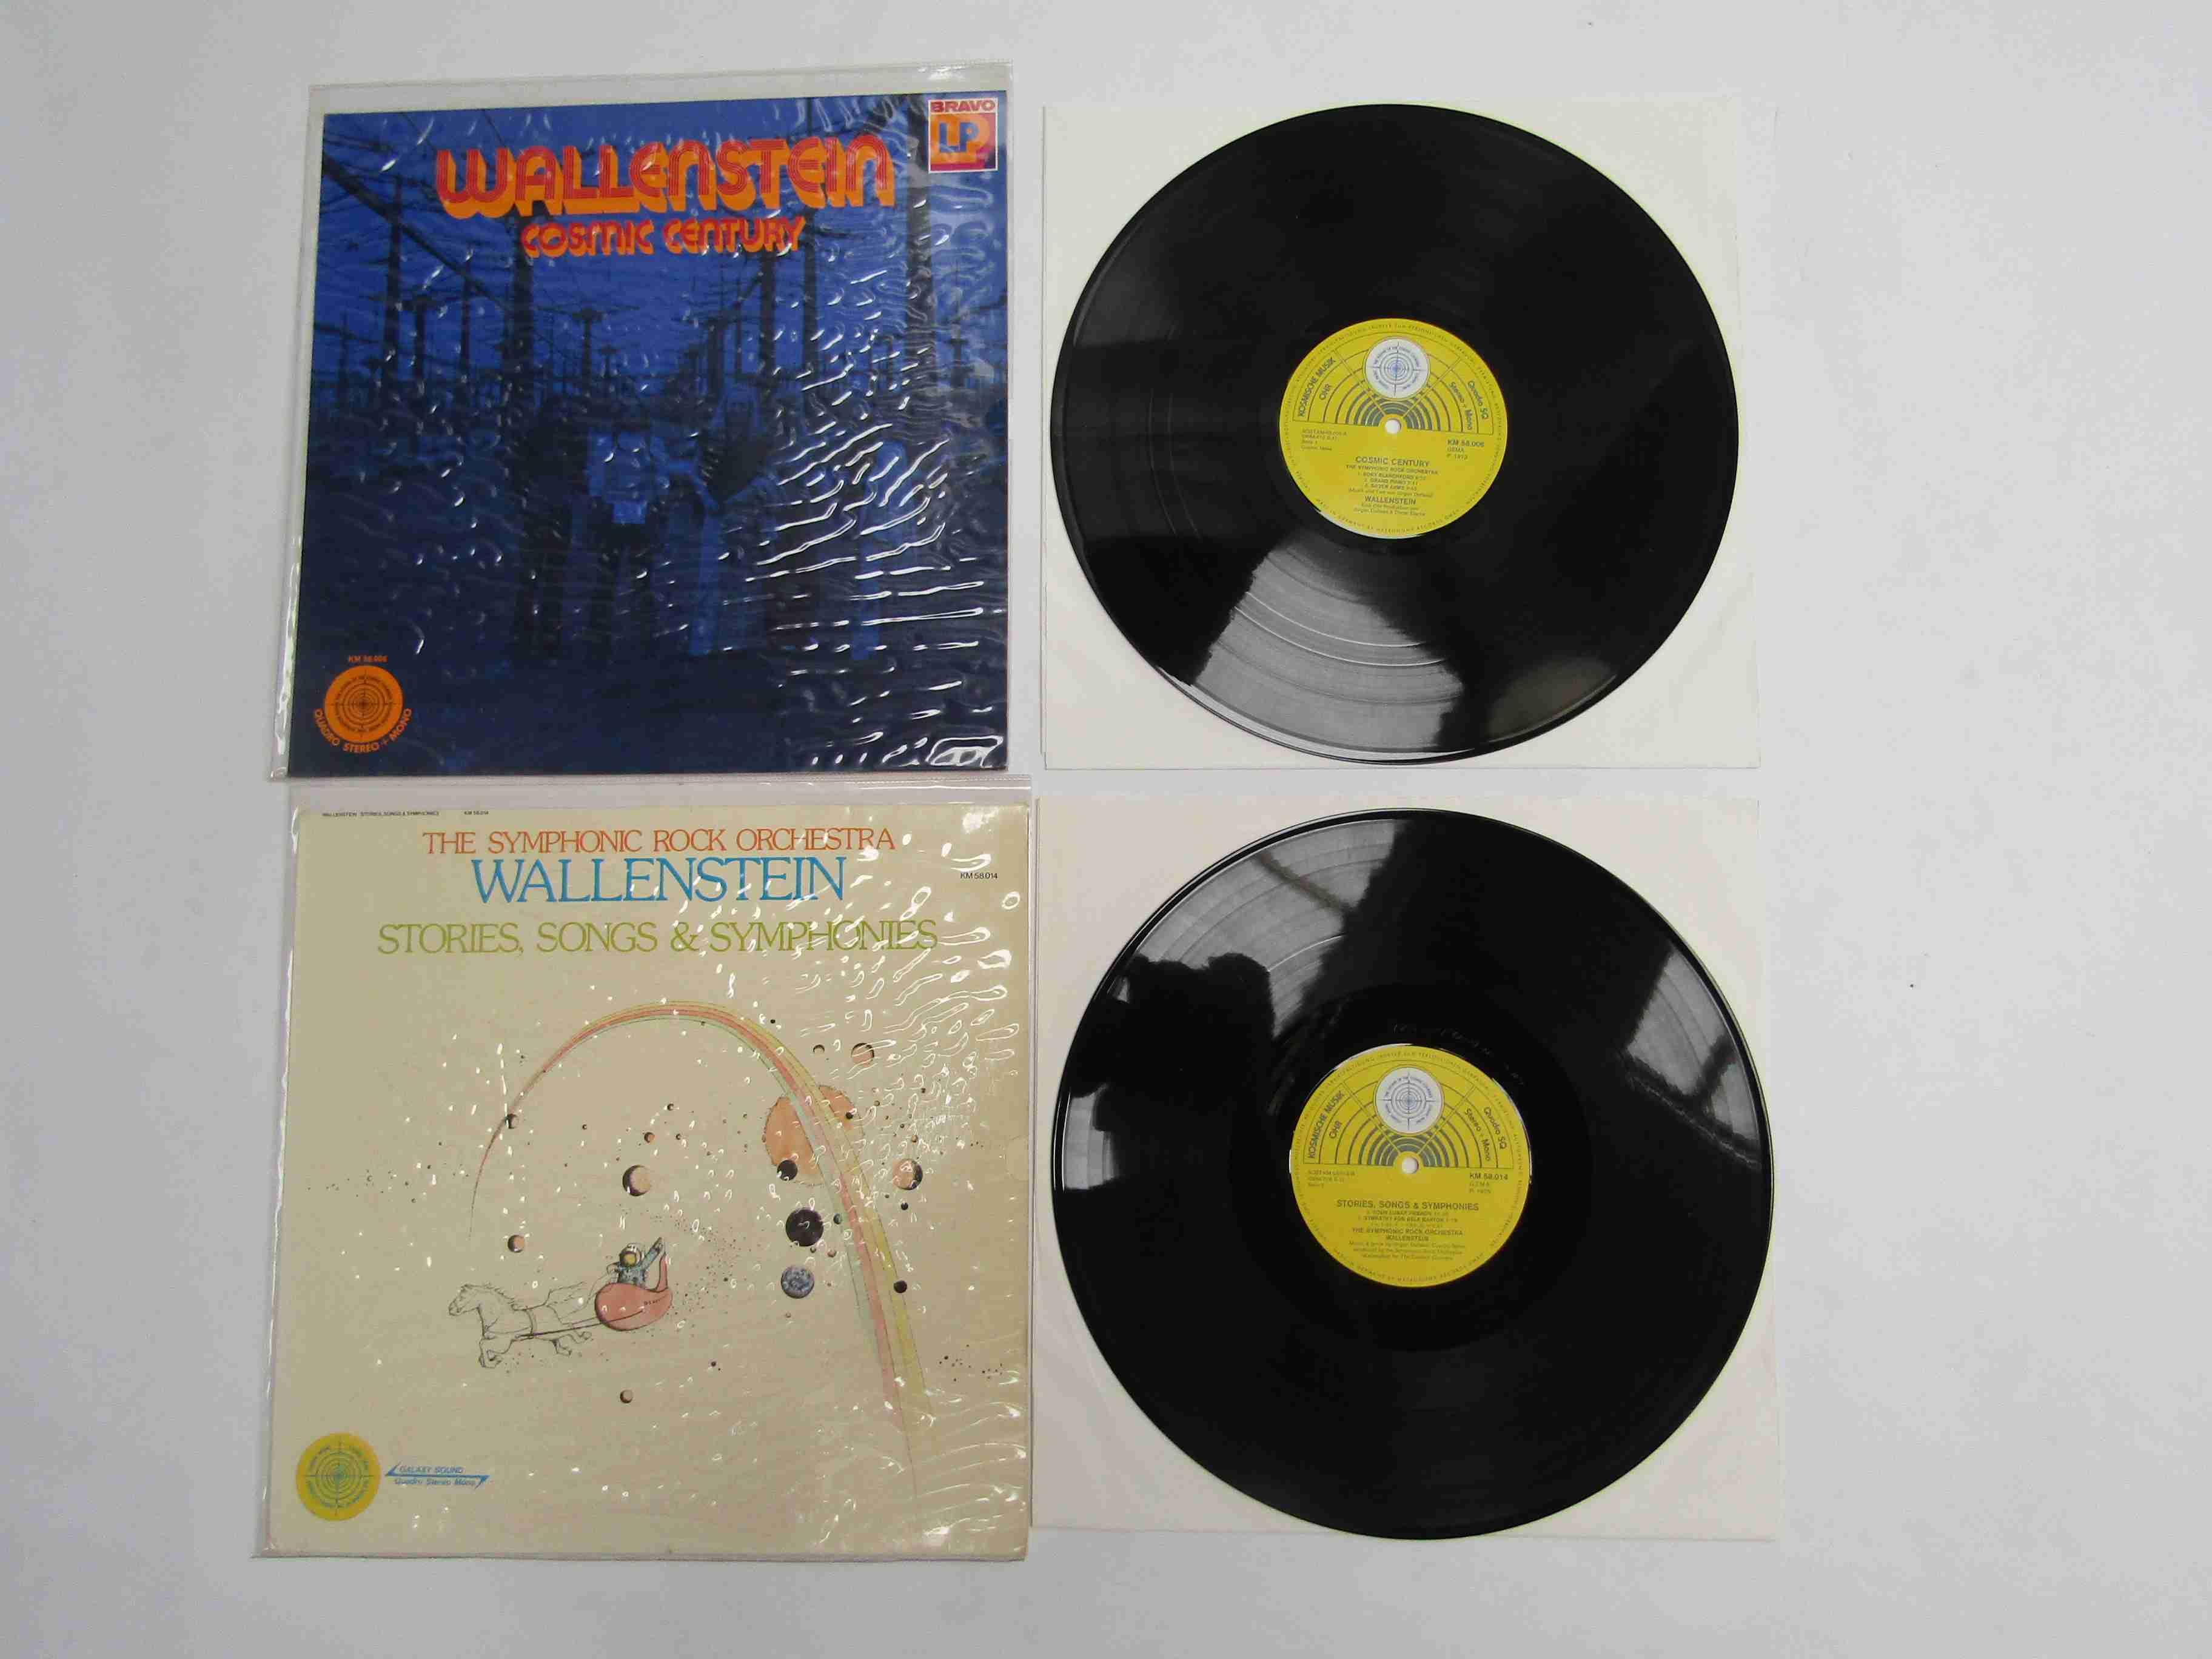 WALLENSTEIN: 'Cosmic Century' quadraphonic LP, Komische Musik KM 58.